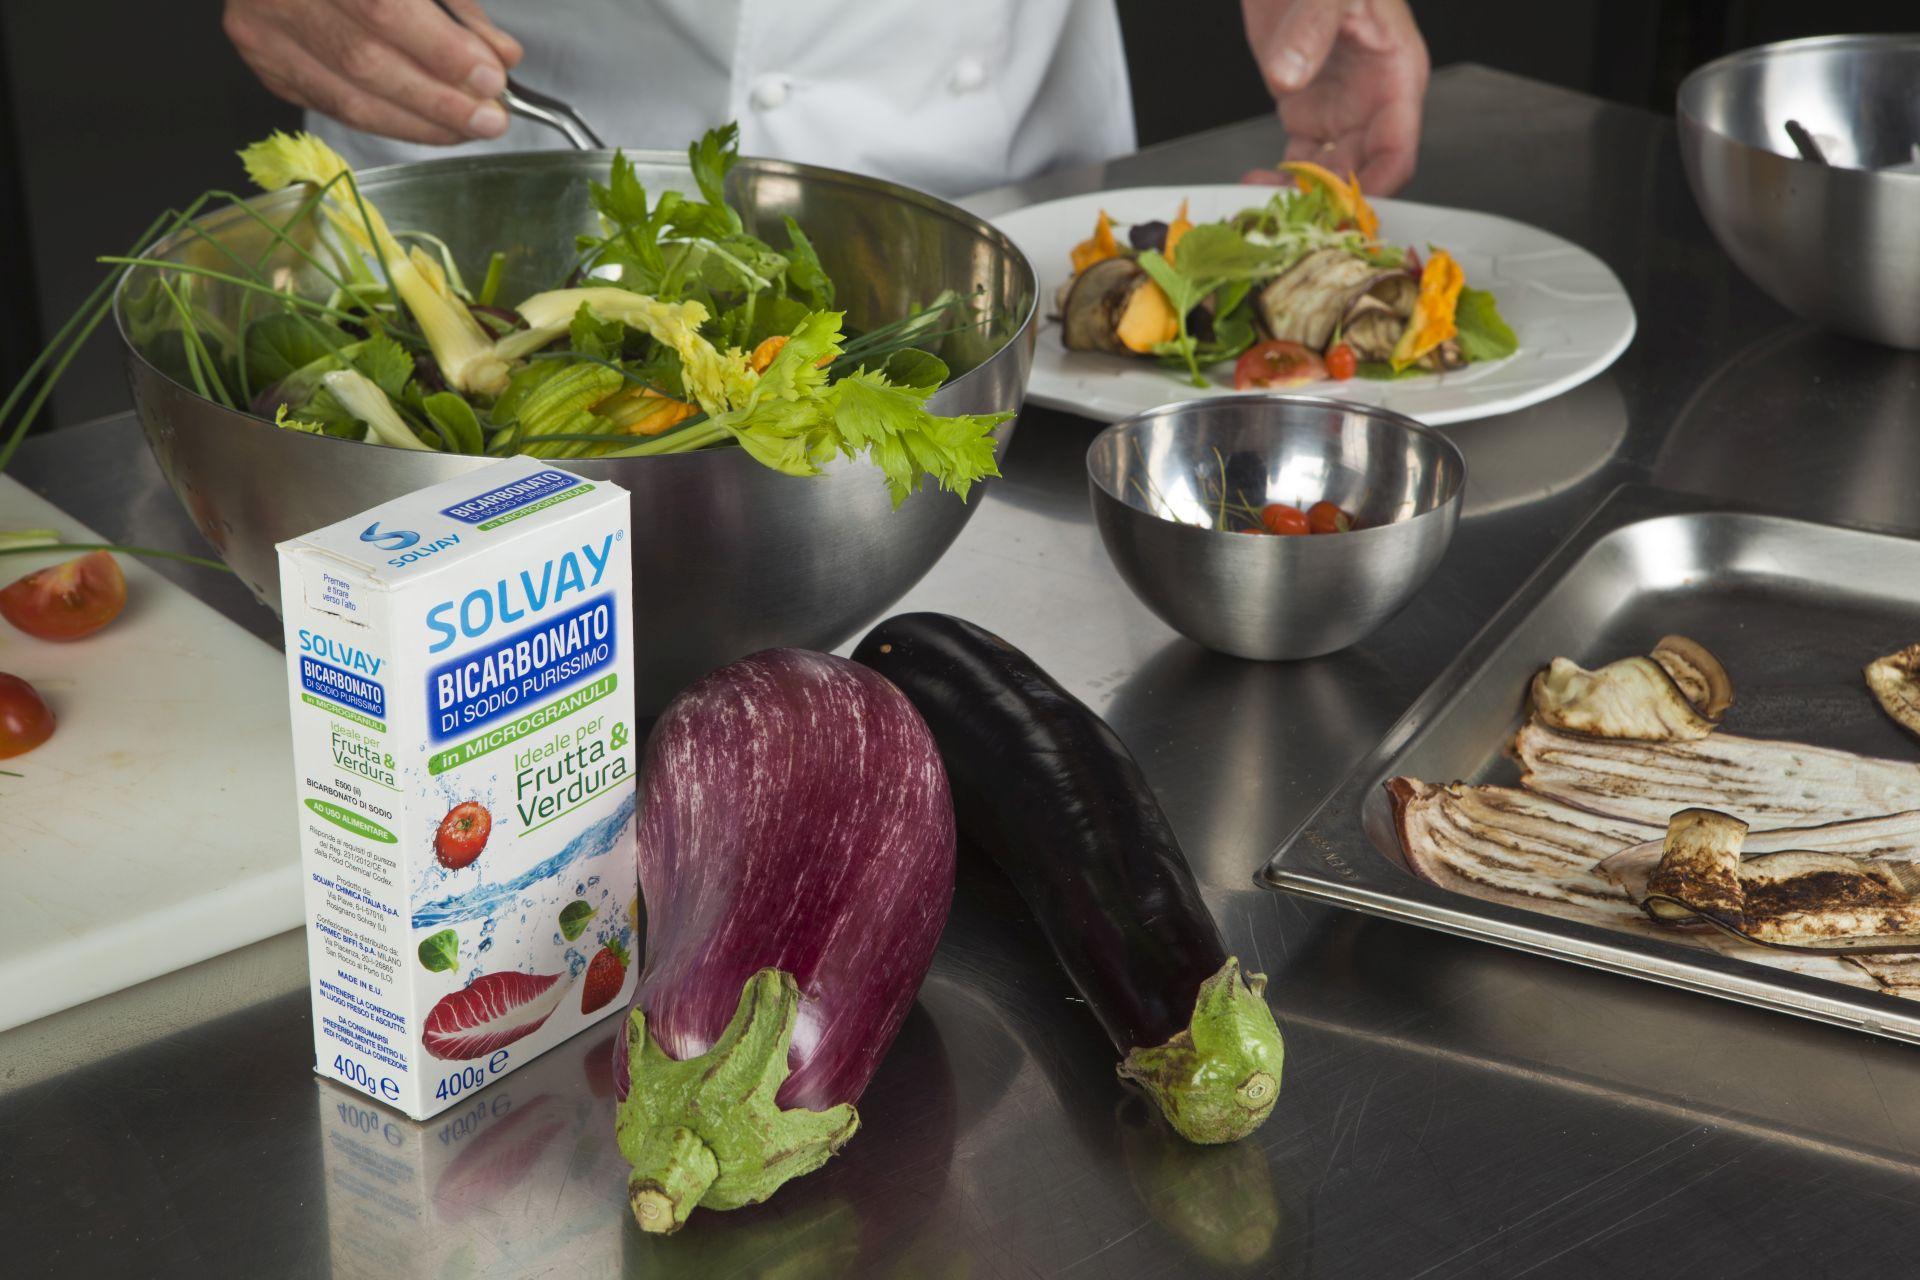 Lavare frutta e verdura con il bicarbonato Solvay